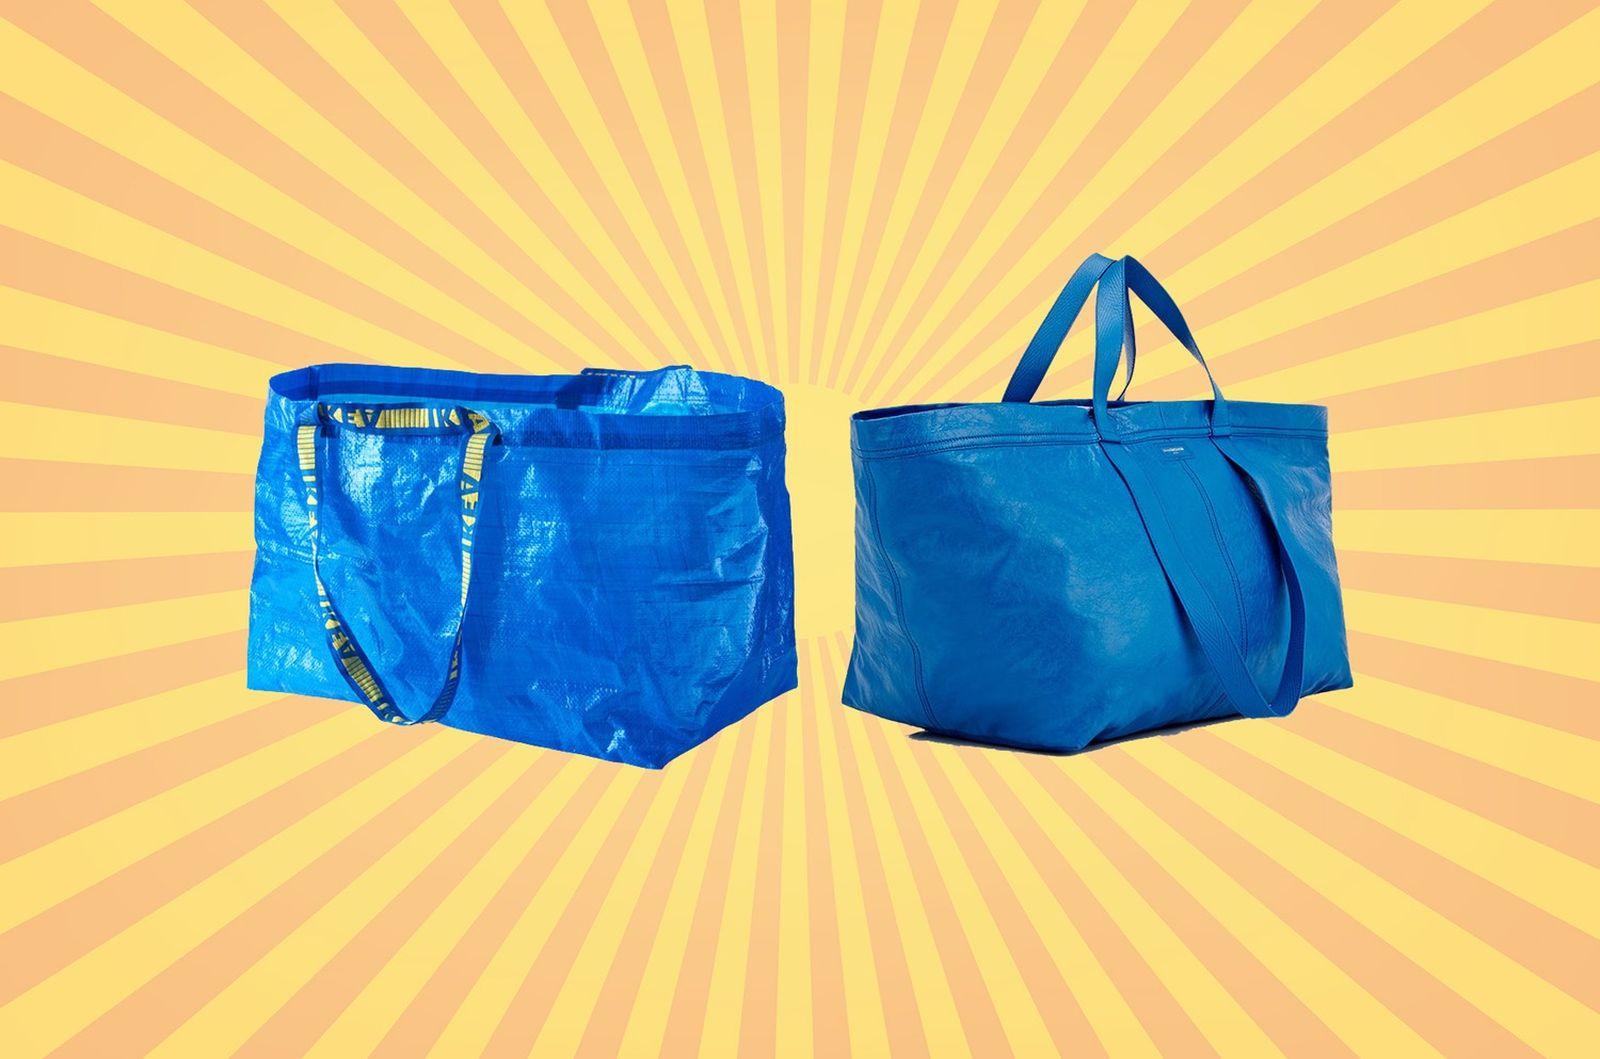 Настоящая «Фракта» шуршит: Икеа ответила люксовому бренду Balenciaga на копию своей сумки